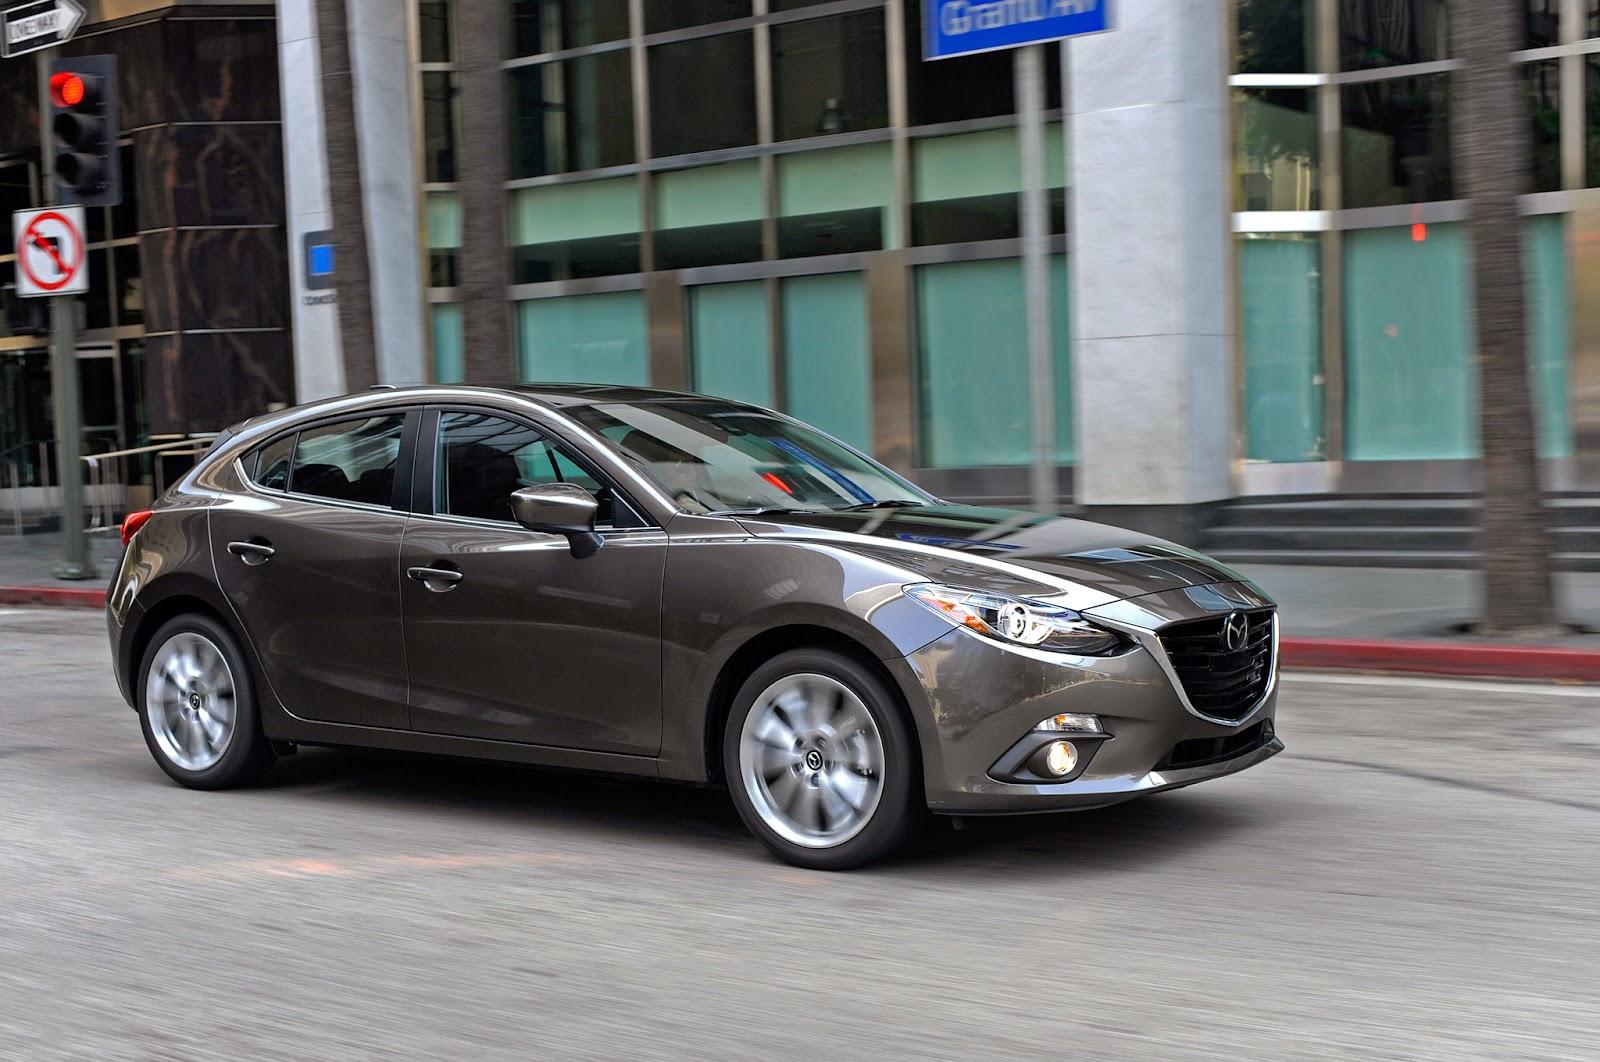 High Quality 2014 Mazda3,2014 Mazda 3 Release Date,2014 Mazdaspeed3,2014 Mazda3 Diesel,2014  Mazda3 Sedan,2014 Mazda6,2014 Mazda3 Specs,2014 Mazda3 Pricing,2014 Mazda3  ...